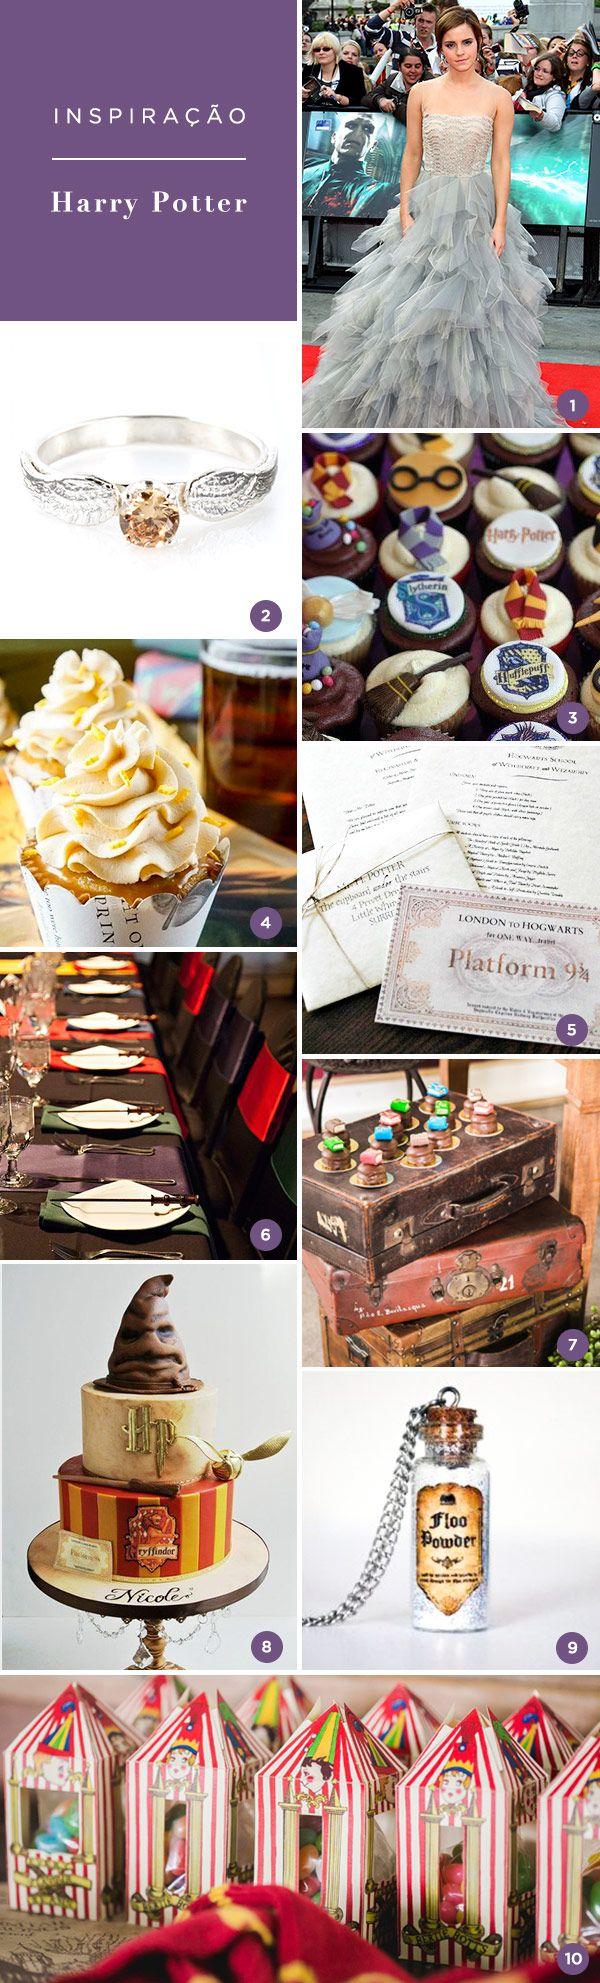 Se você é umaPotterhead, a ideia de fazer uma festa de 15 anos com o tema Harry Potter com certeza já passou pela sua cabeça! A boa notícia é queo univer